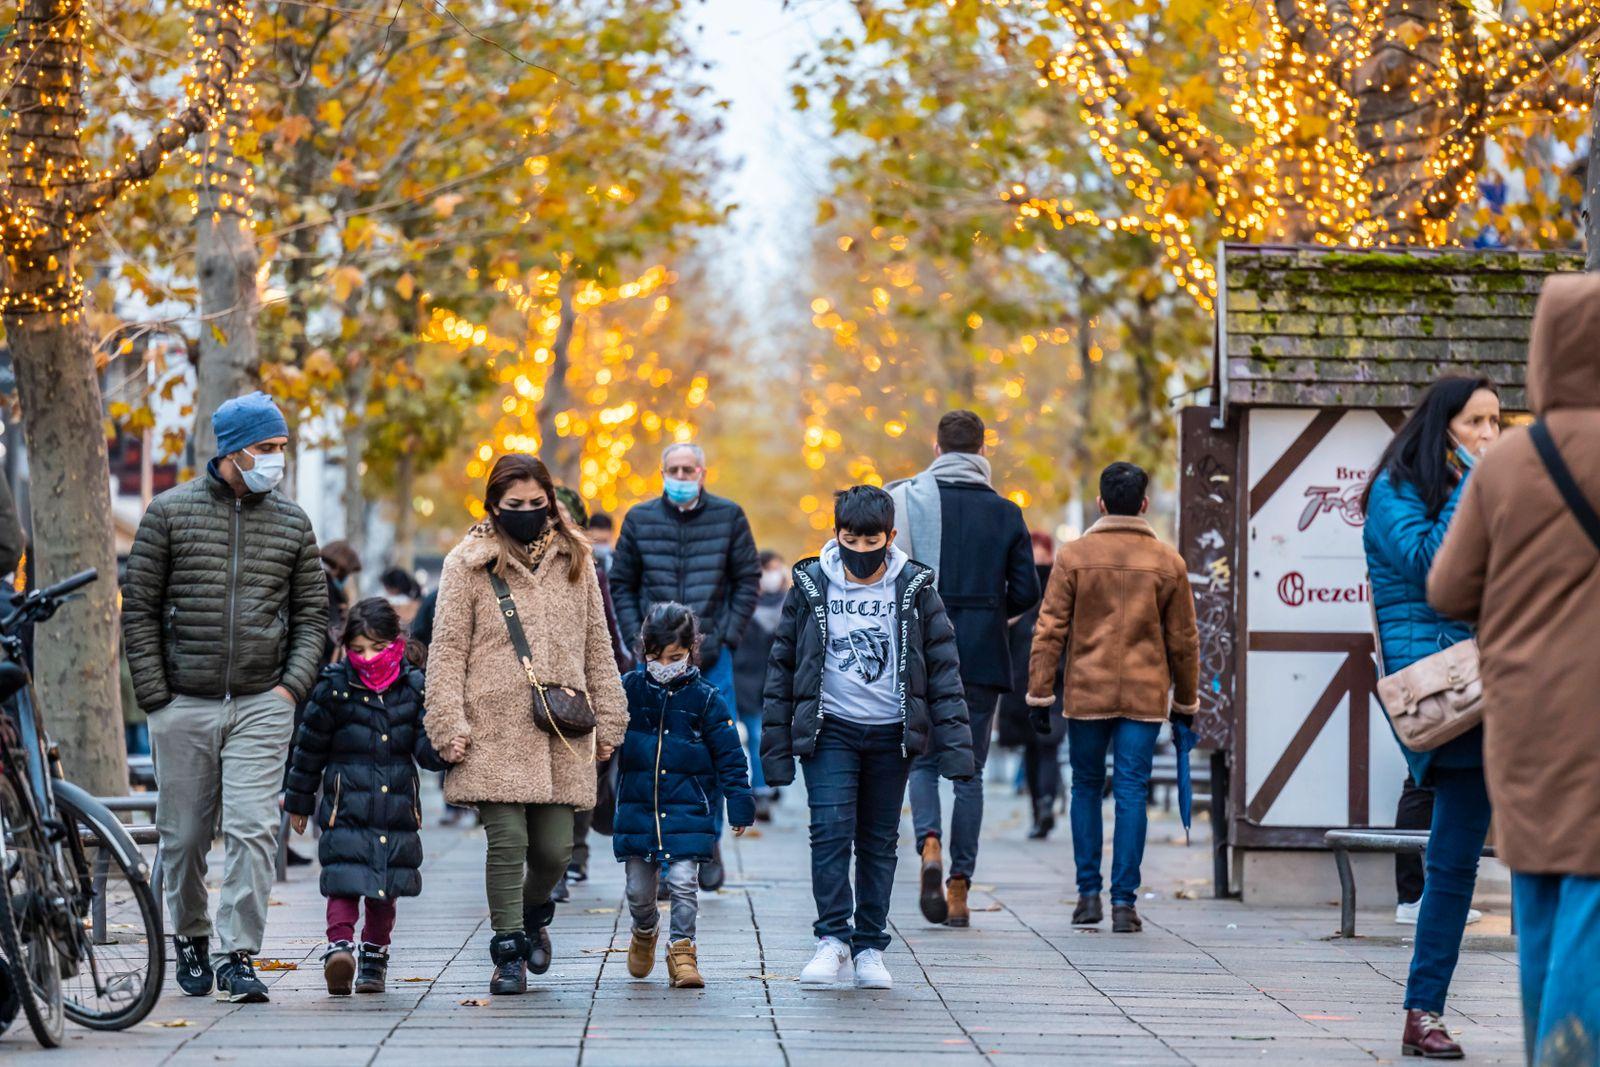 Ab Samstag gelten in Stuttgart deutlich versch‰rfte Ausgangsbeschr‰nkungen. Weihnachts-Shopping in der Fuflg‰ngerzone Stu